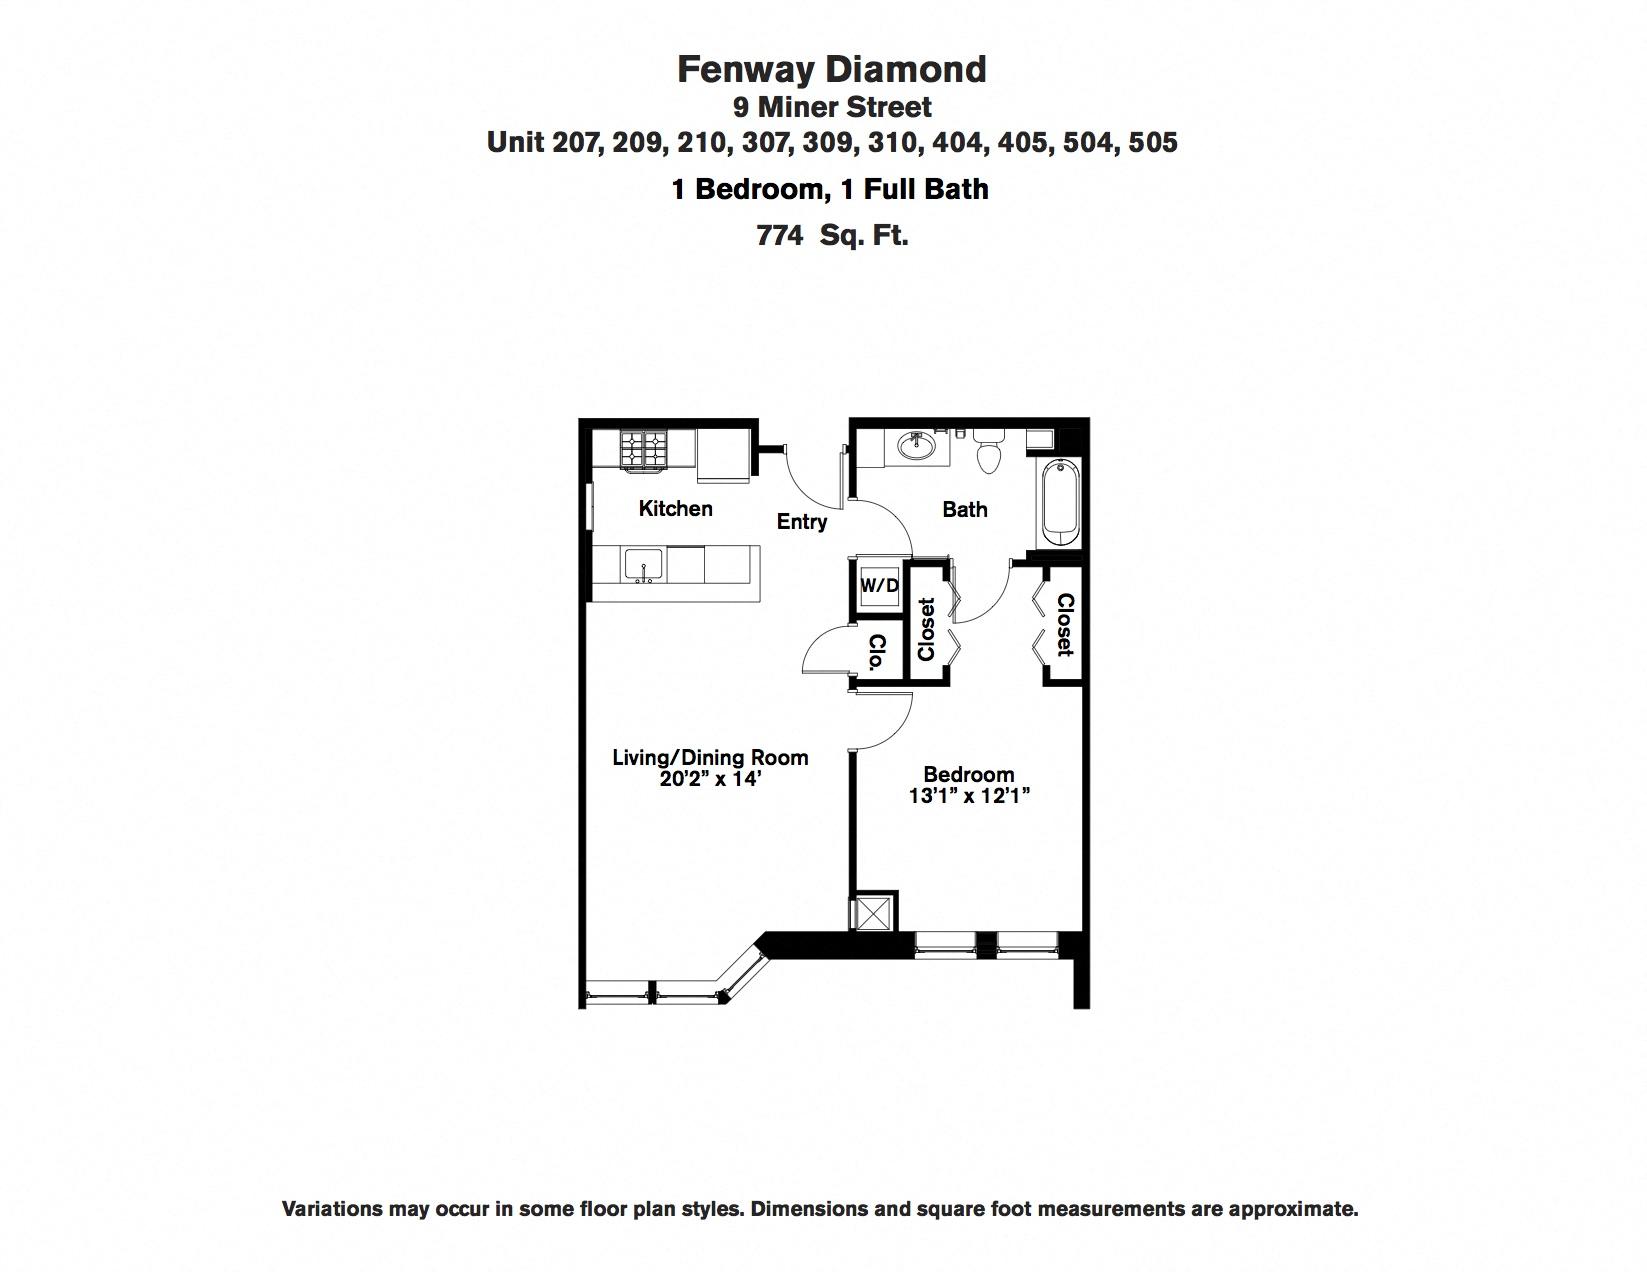 Floor plan 1 Bedroom with Open Floorplan image 2